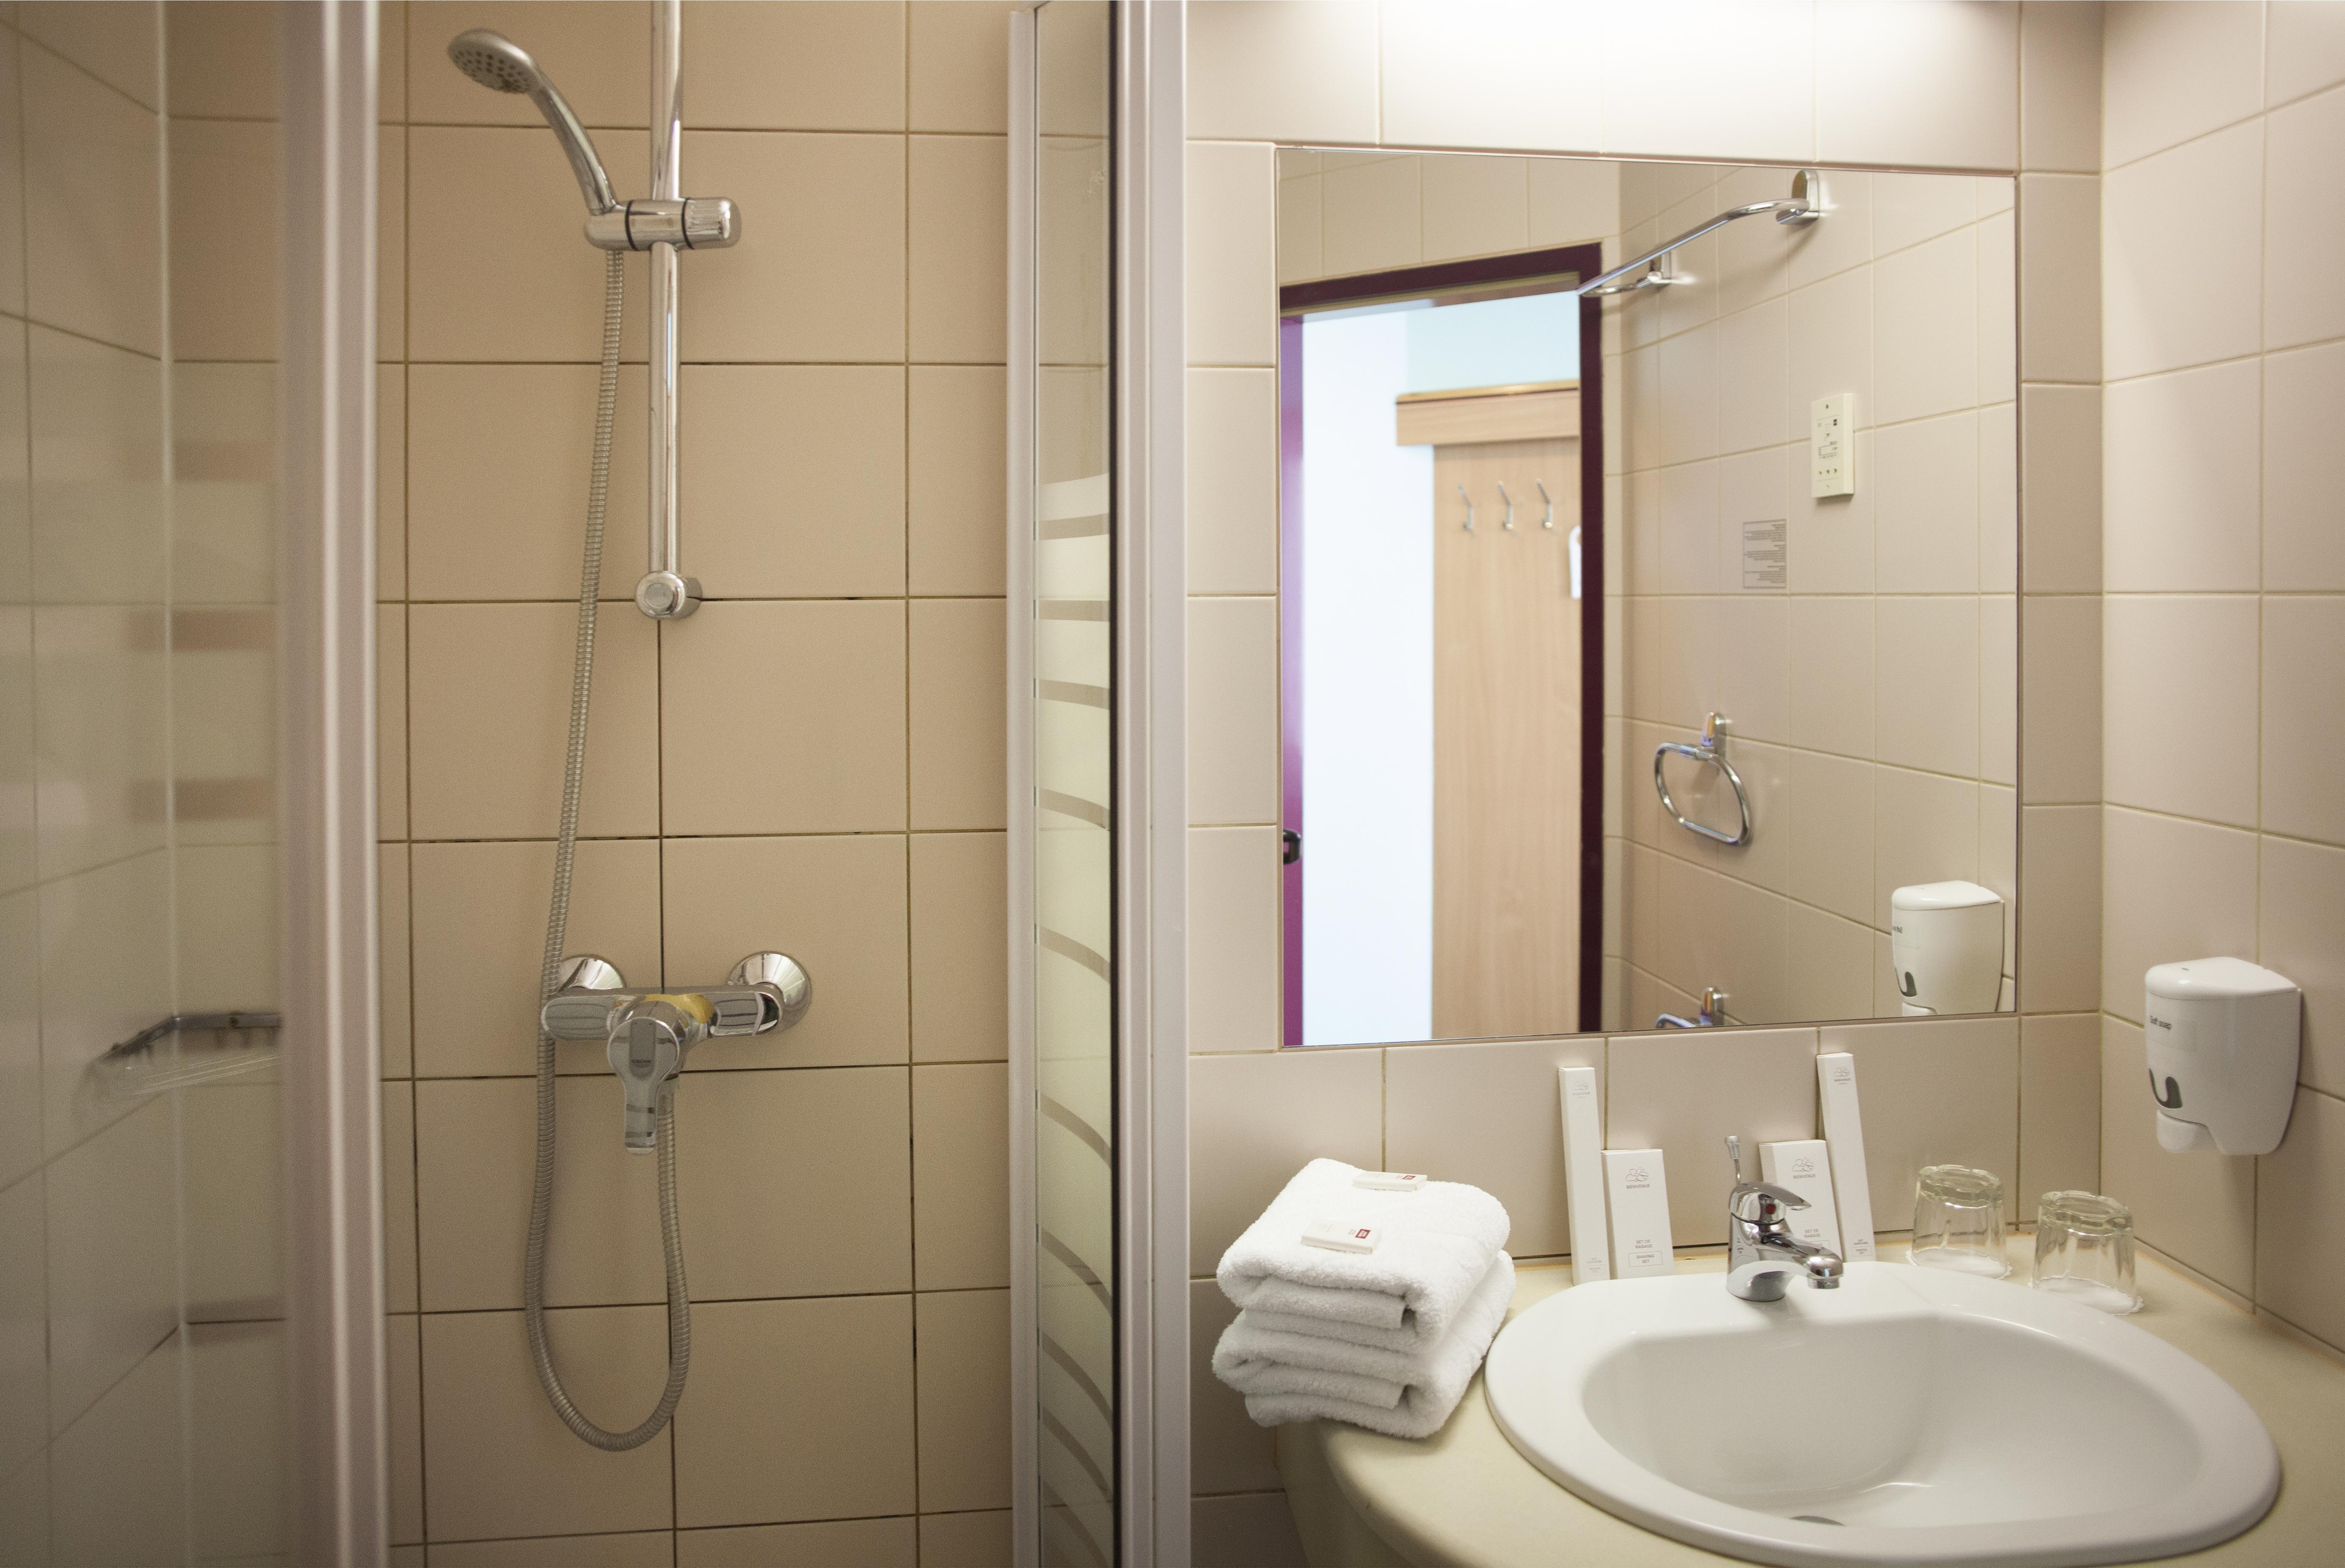 zimmer | city hotel pilvax, Badezimmer ideen